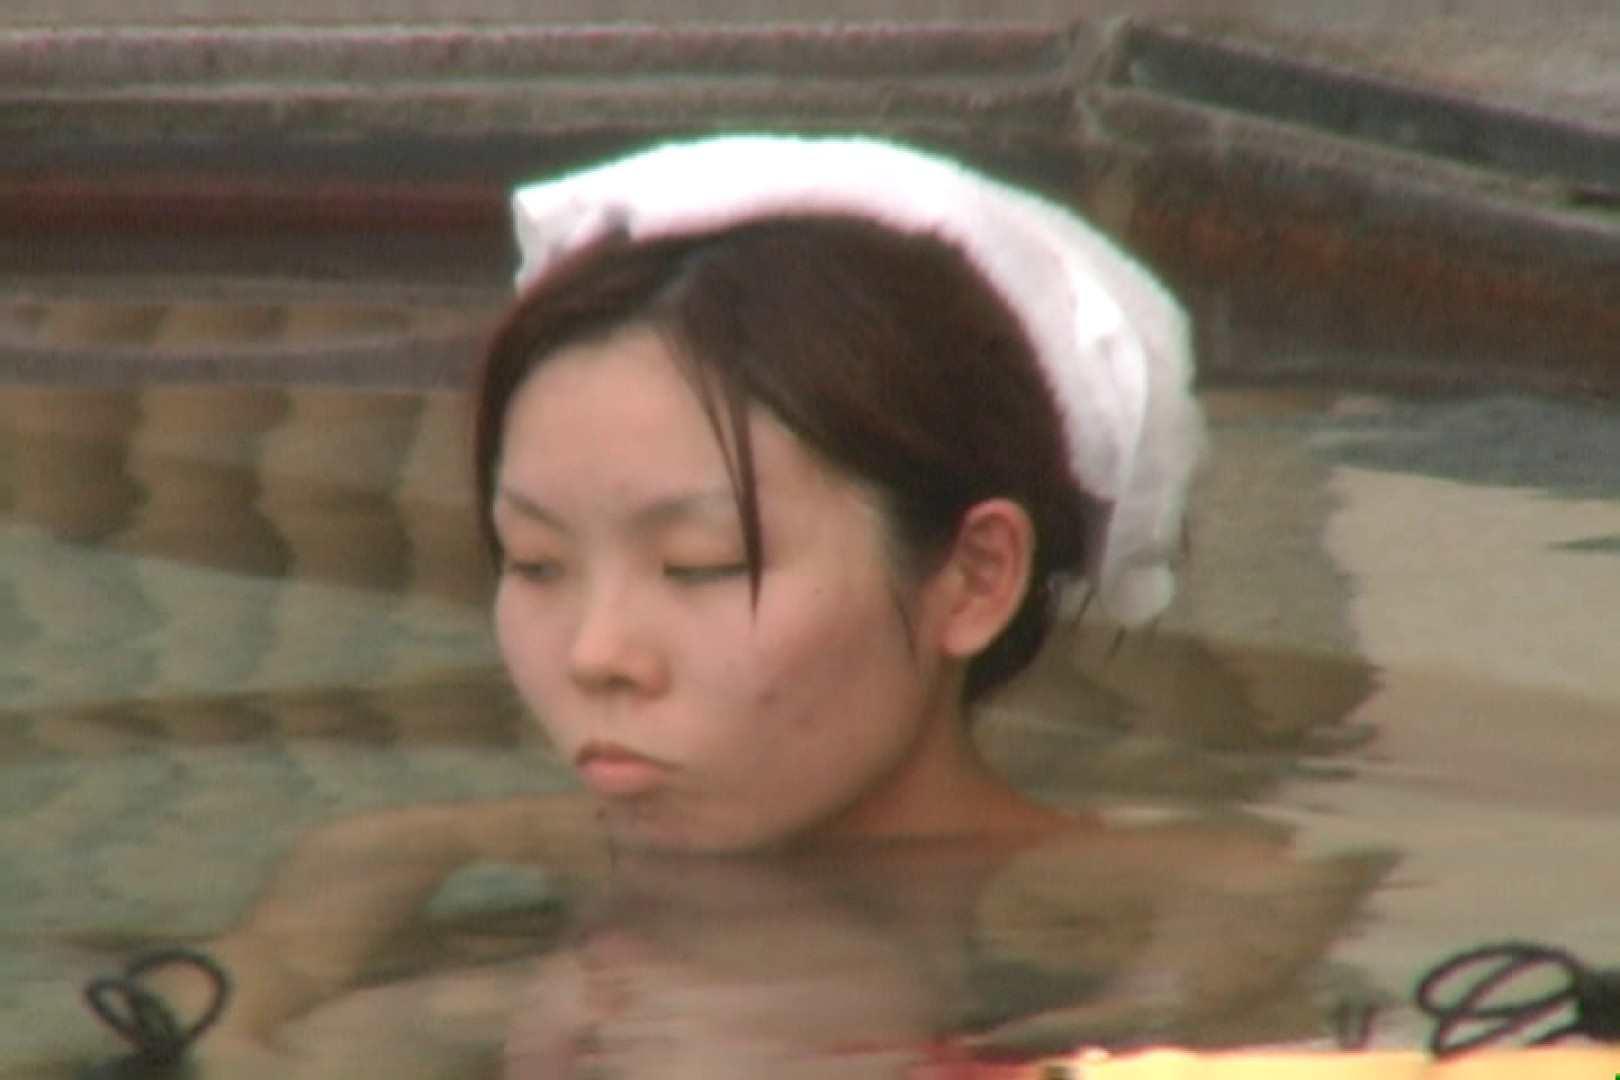 Aquaな露天風呂Vol.580 0   0  103pic 91